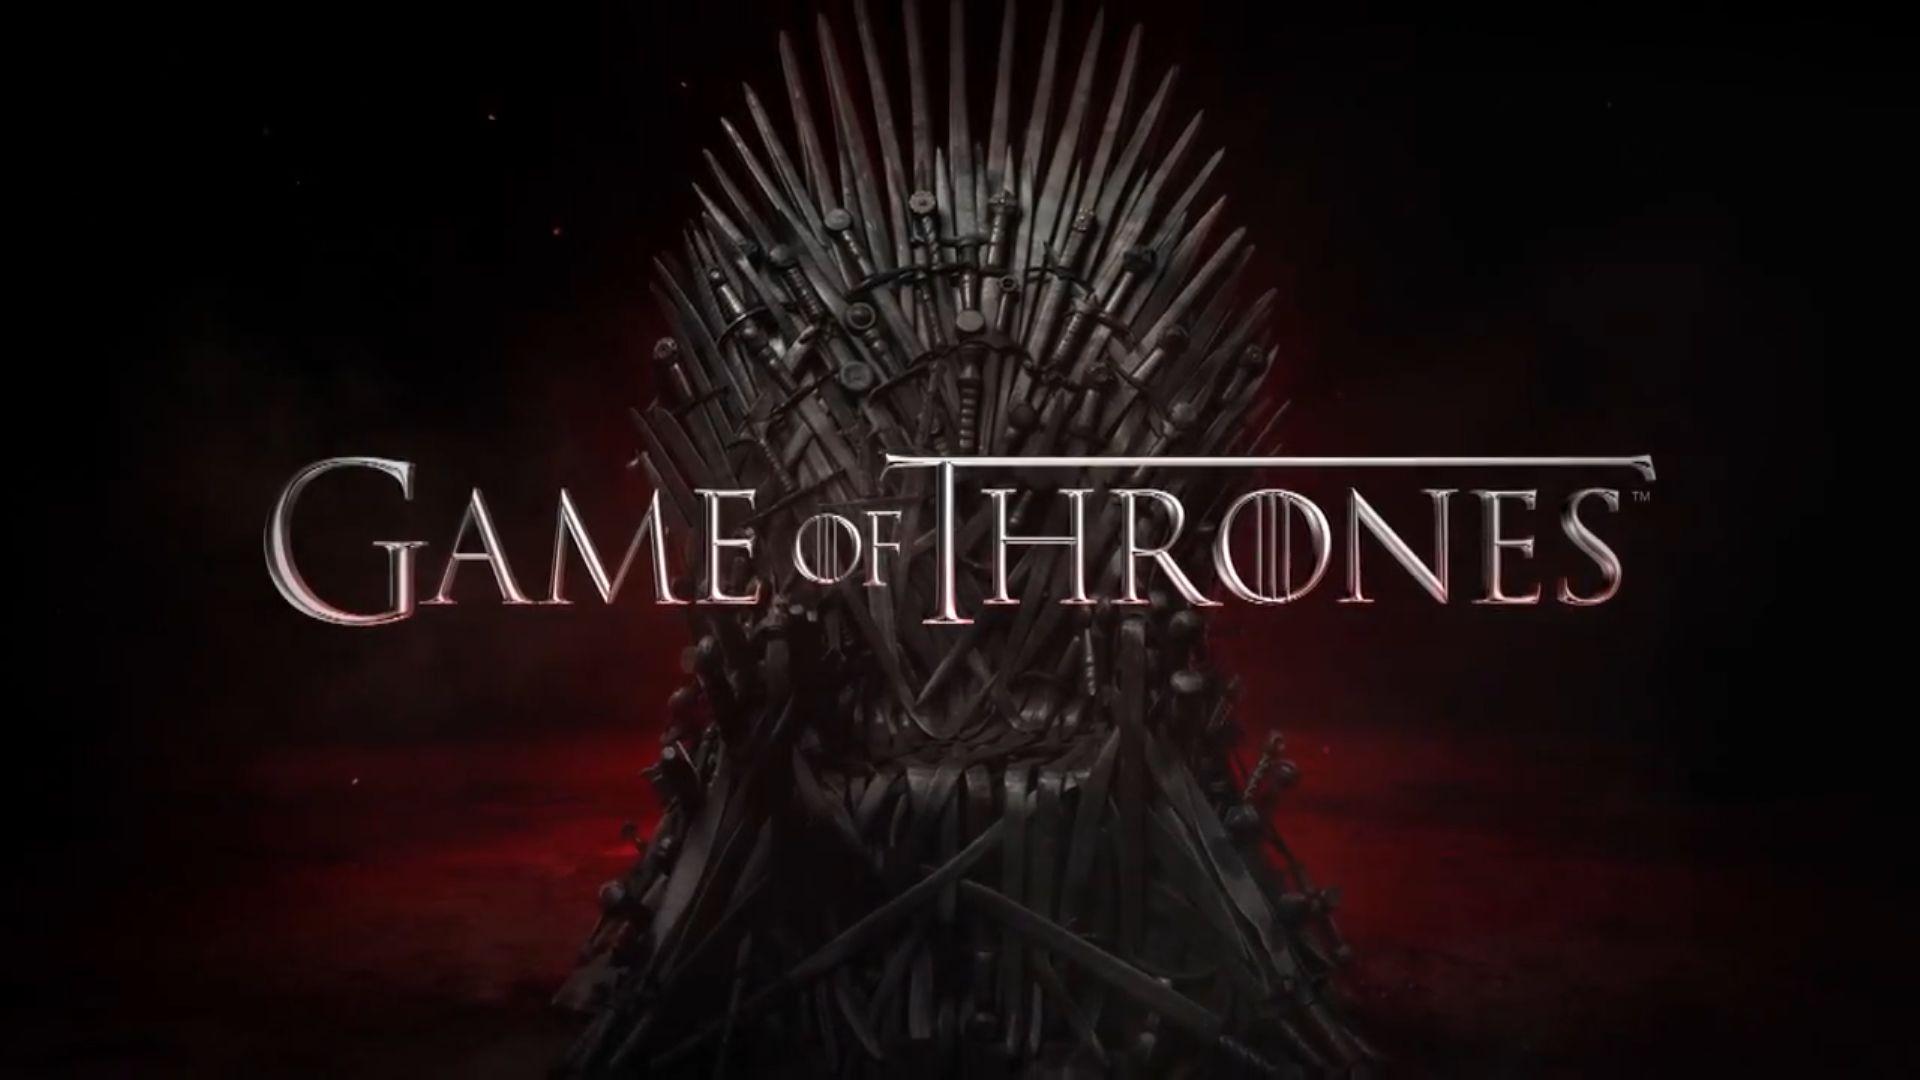 """La temporada 7 de Game of Thrones será """"muy sombría"""" según Kit Harington"""